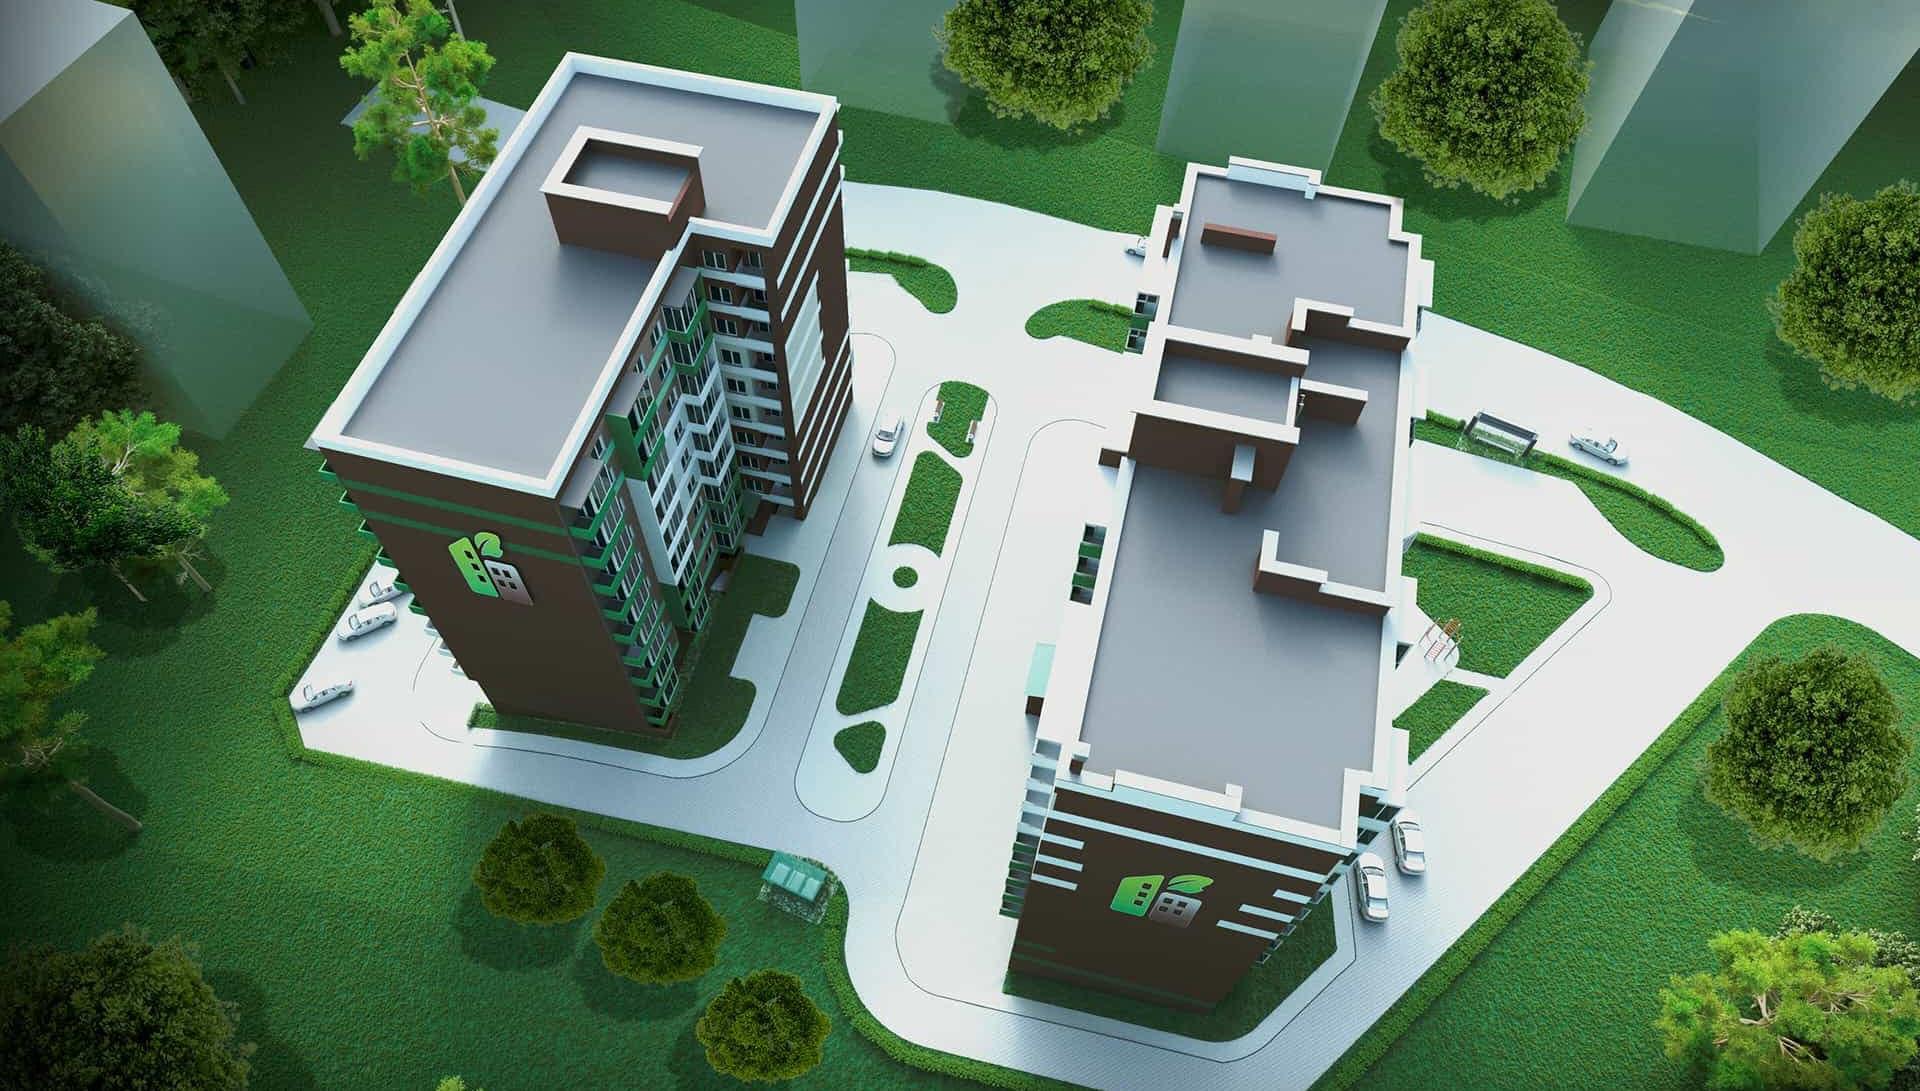 Відеозвіт з будівництва ЖК Eco House від 9.07.2020